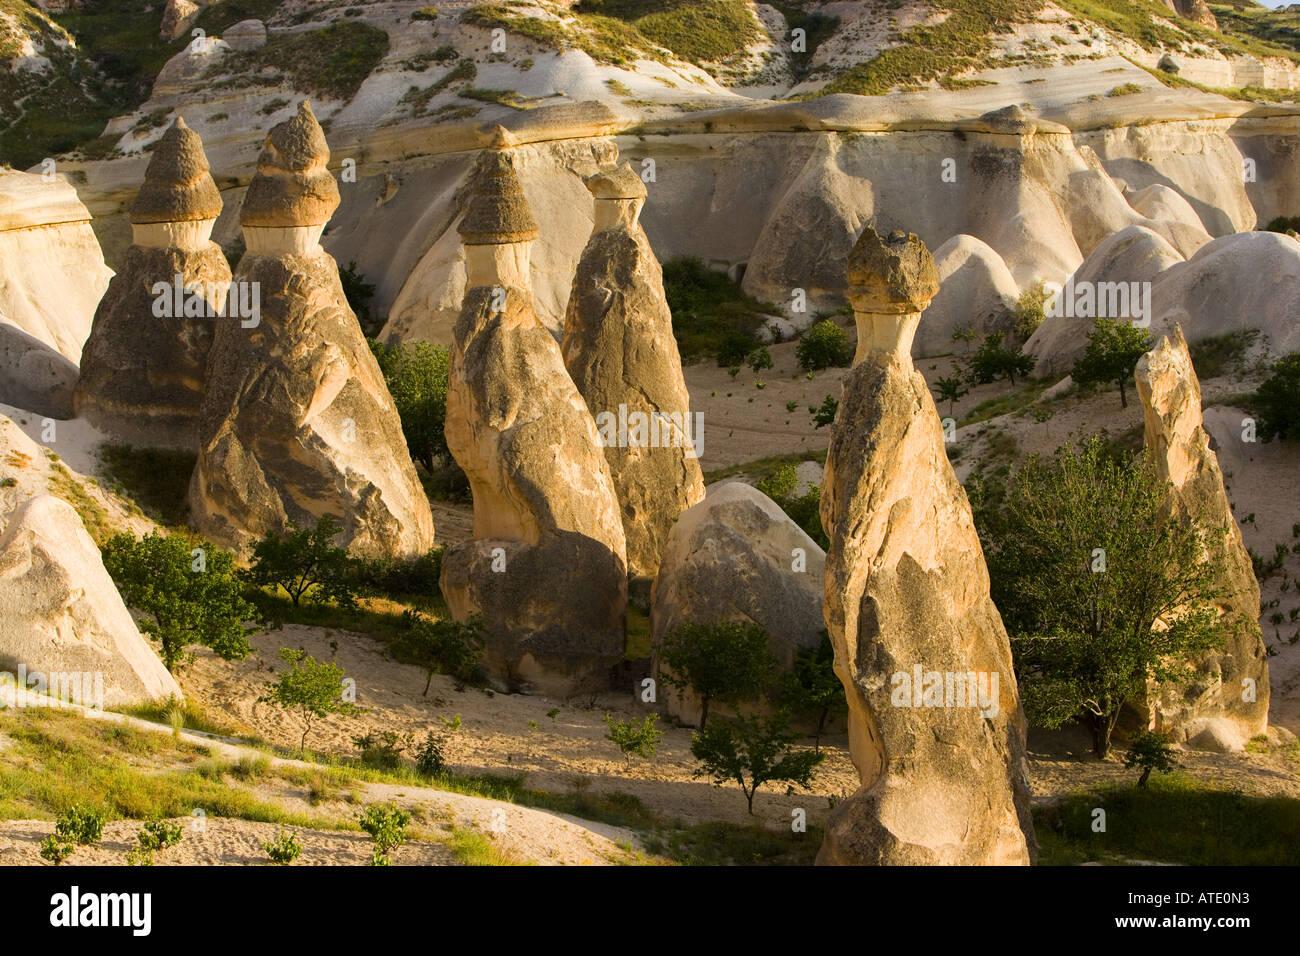 Rock formations in Capadoccia, Turkey - Stock Image